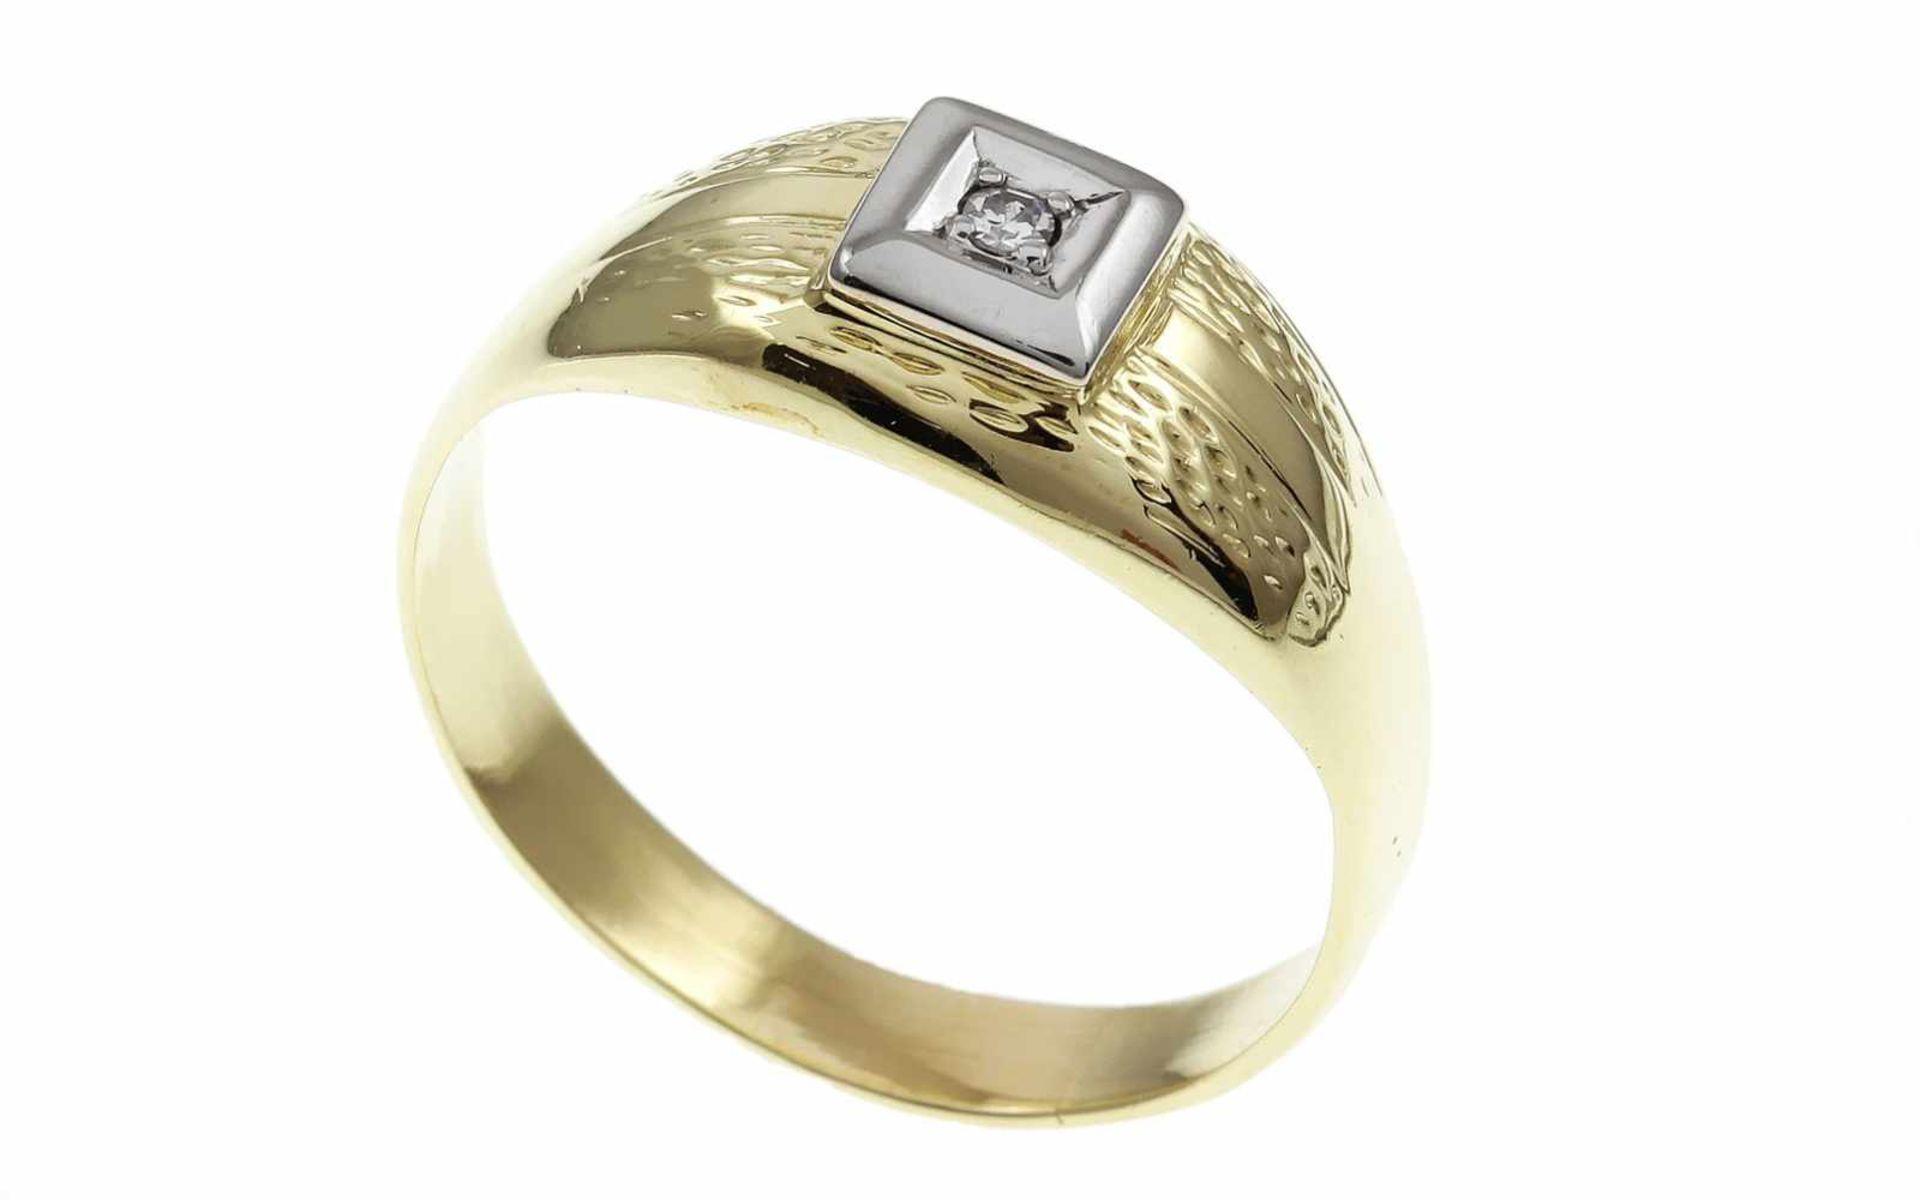 Los 54 - RingRing 585/- Gelbgold mit Diamant, Ringgröße ca. 62, 1 Diamant ca. 0,03 ct, 4,37g